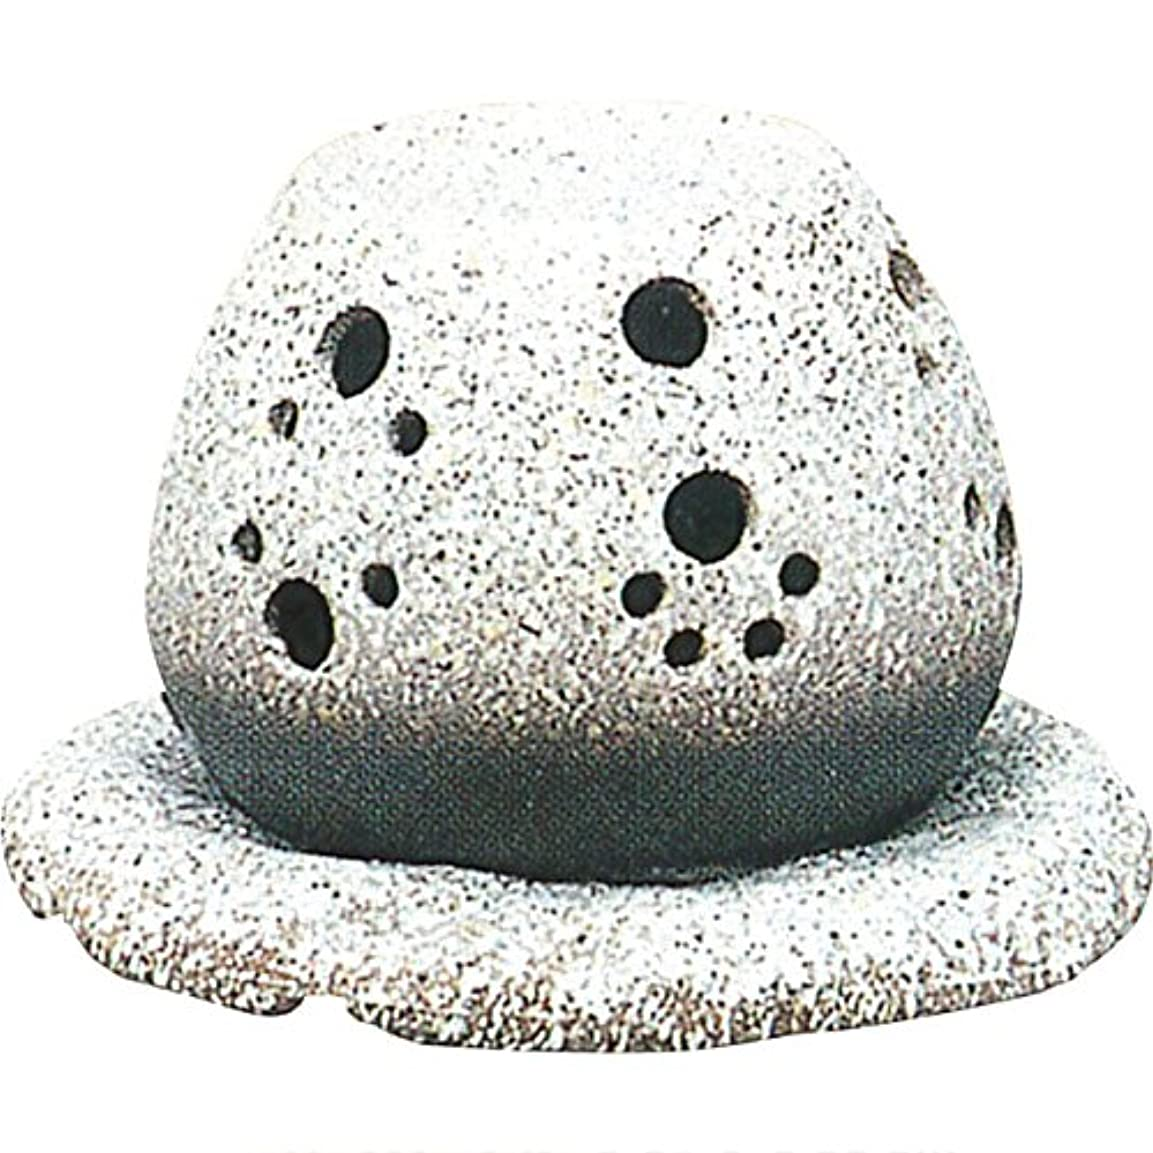 完全に乾く生理独裁茶香炉 : 常滑焼 山房窯 ロウソクタイプ茶香炉 (白皿付?ロウソク1ヶ付)?ル35-05